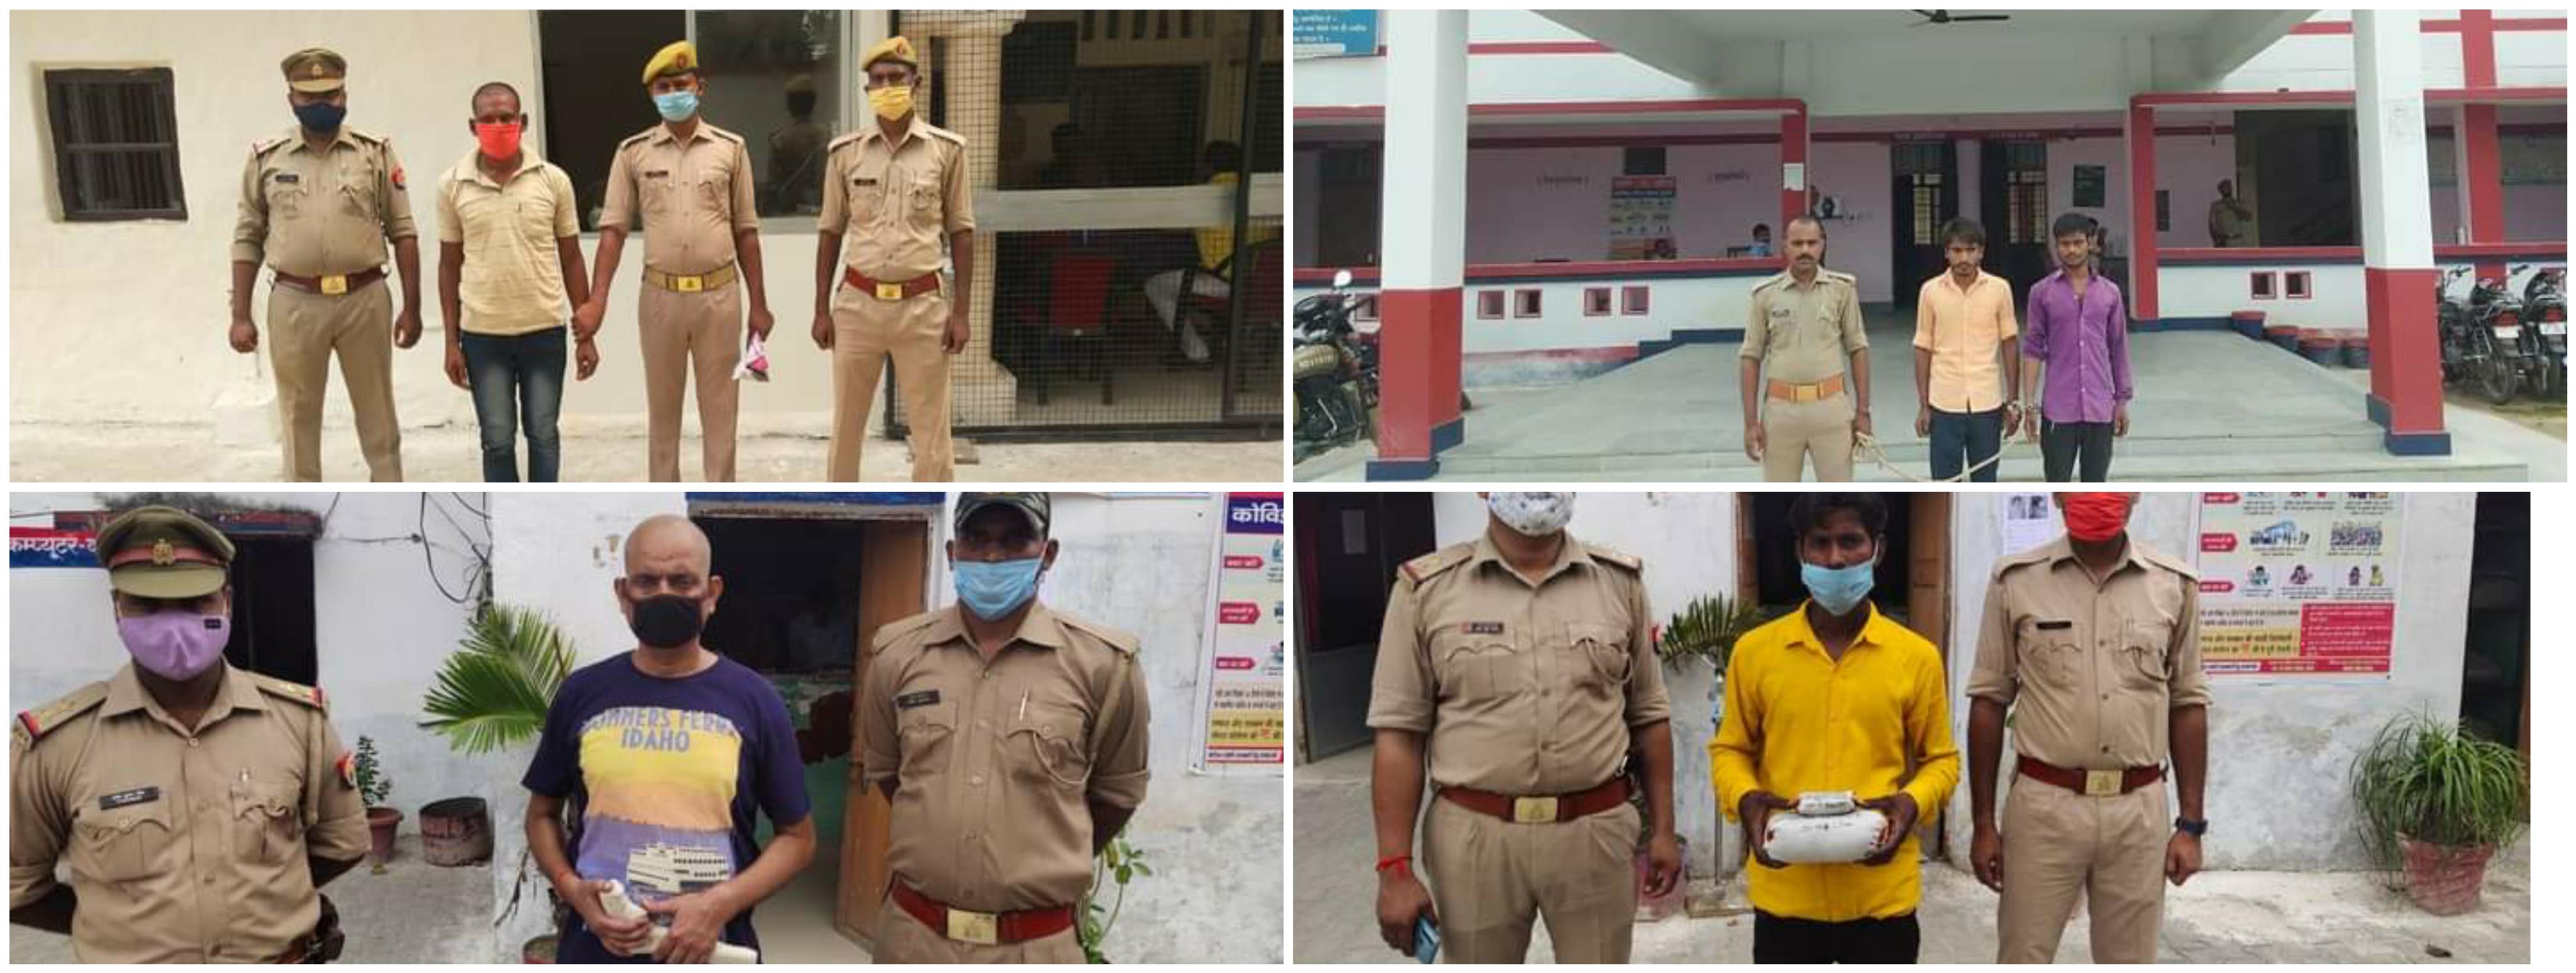 UP:बस्ती जिले में चार टॉप 10 अपराधी गिरफ्तार